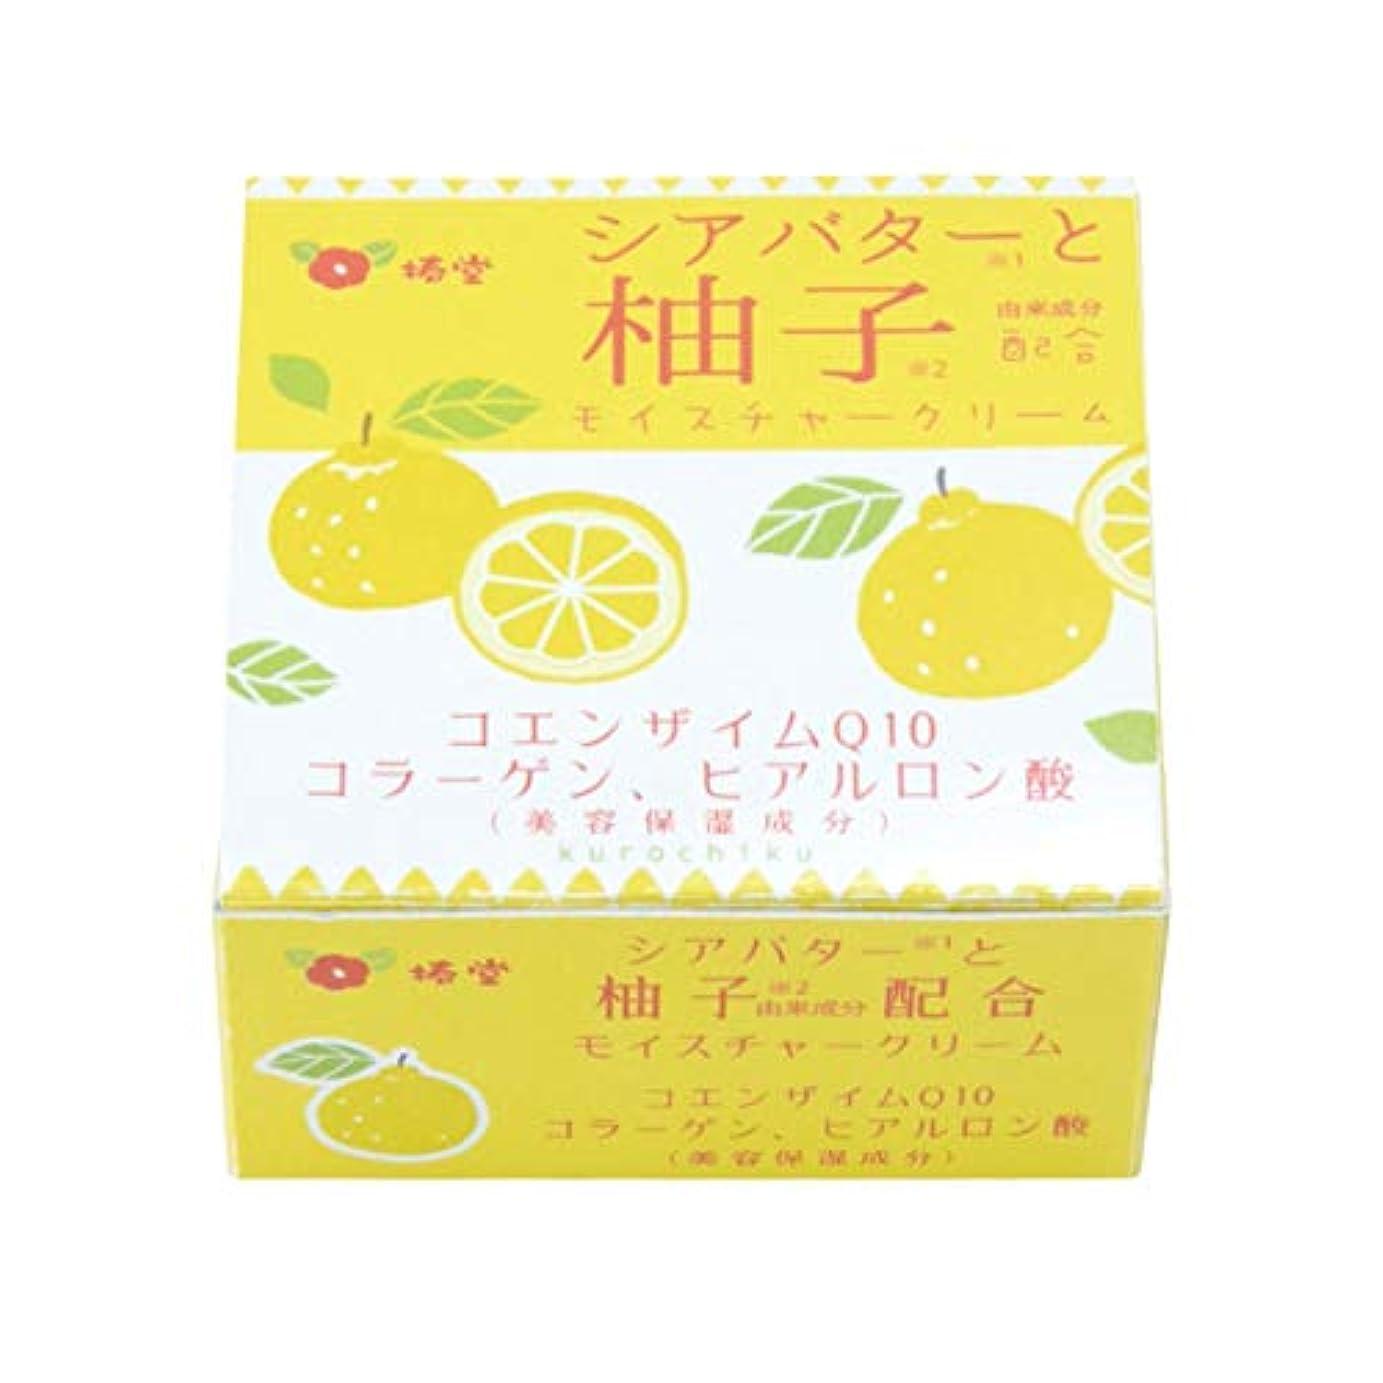 マージ南極メーカー椿堂 柚子モイスチャークリーム (シアバターと柚子) 京都くろちく